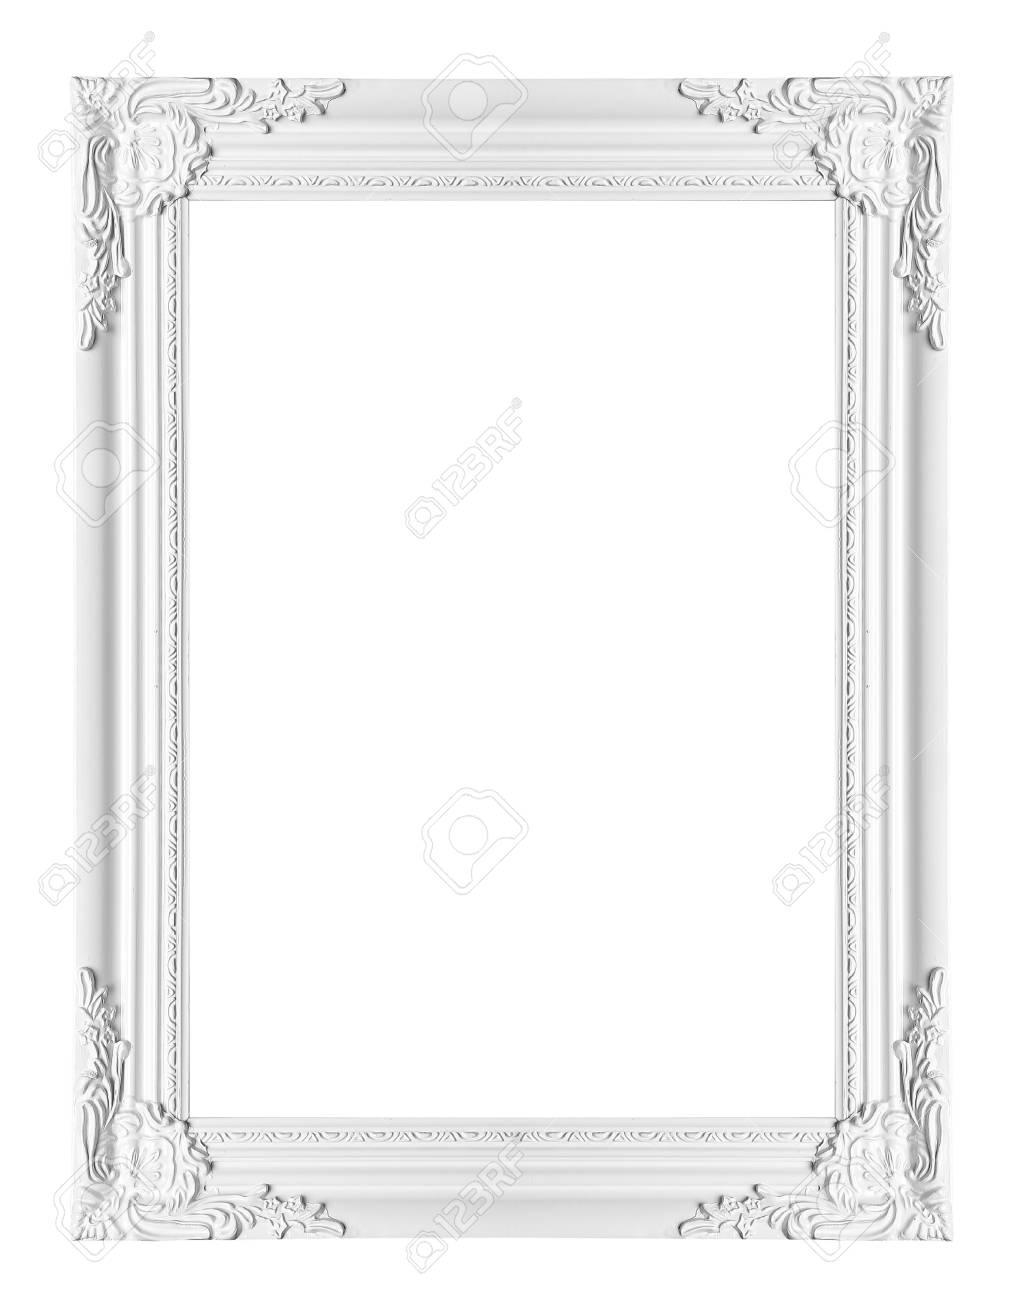 White Klassischen Vintage-Rahmen Auf Weißem Hintergrund Lizenzfreie ...